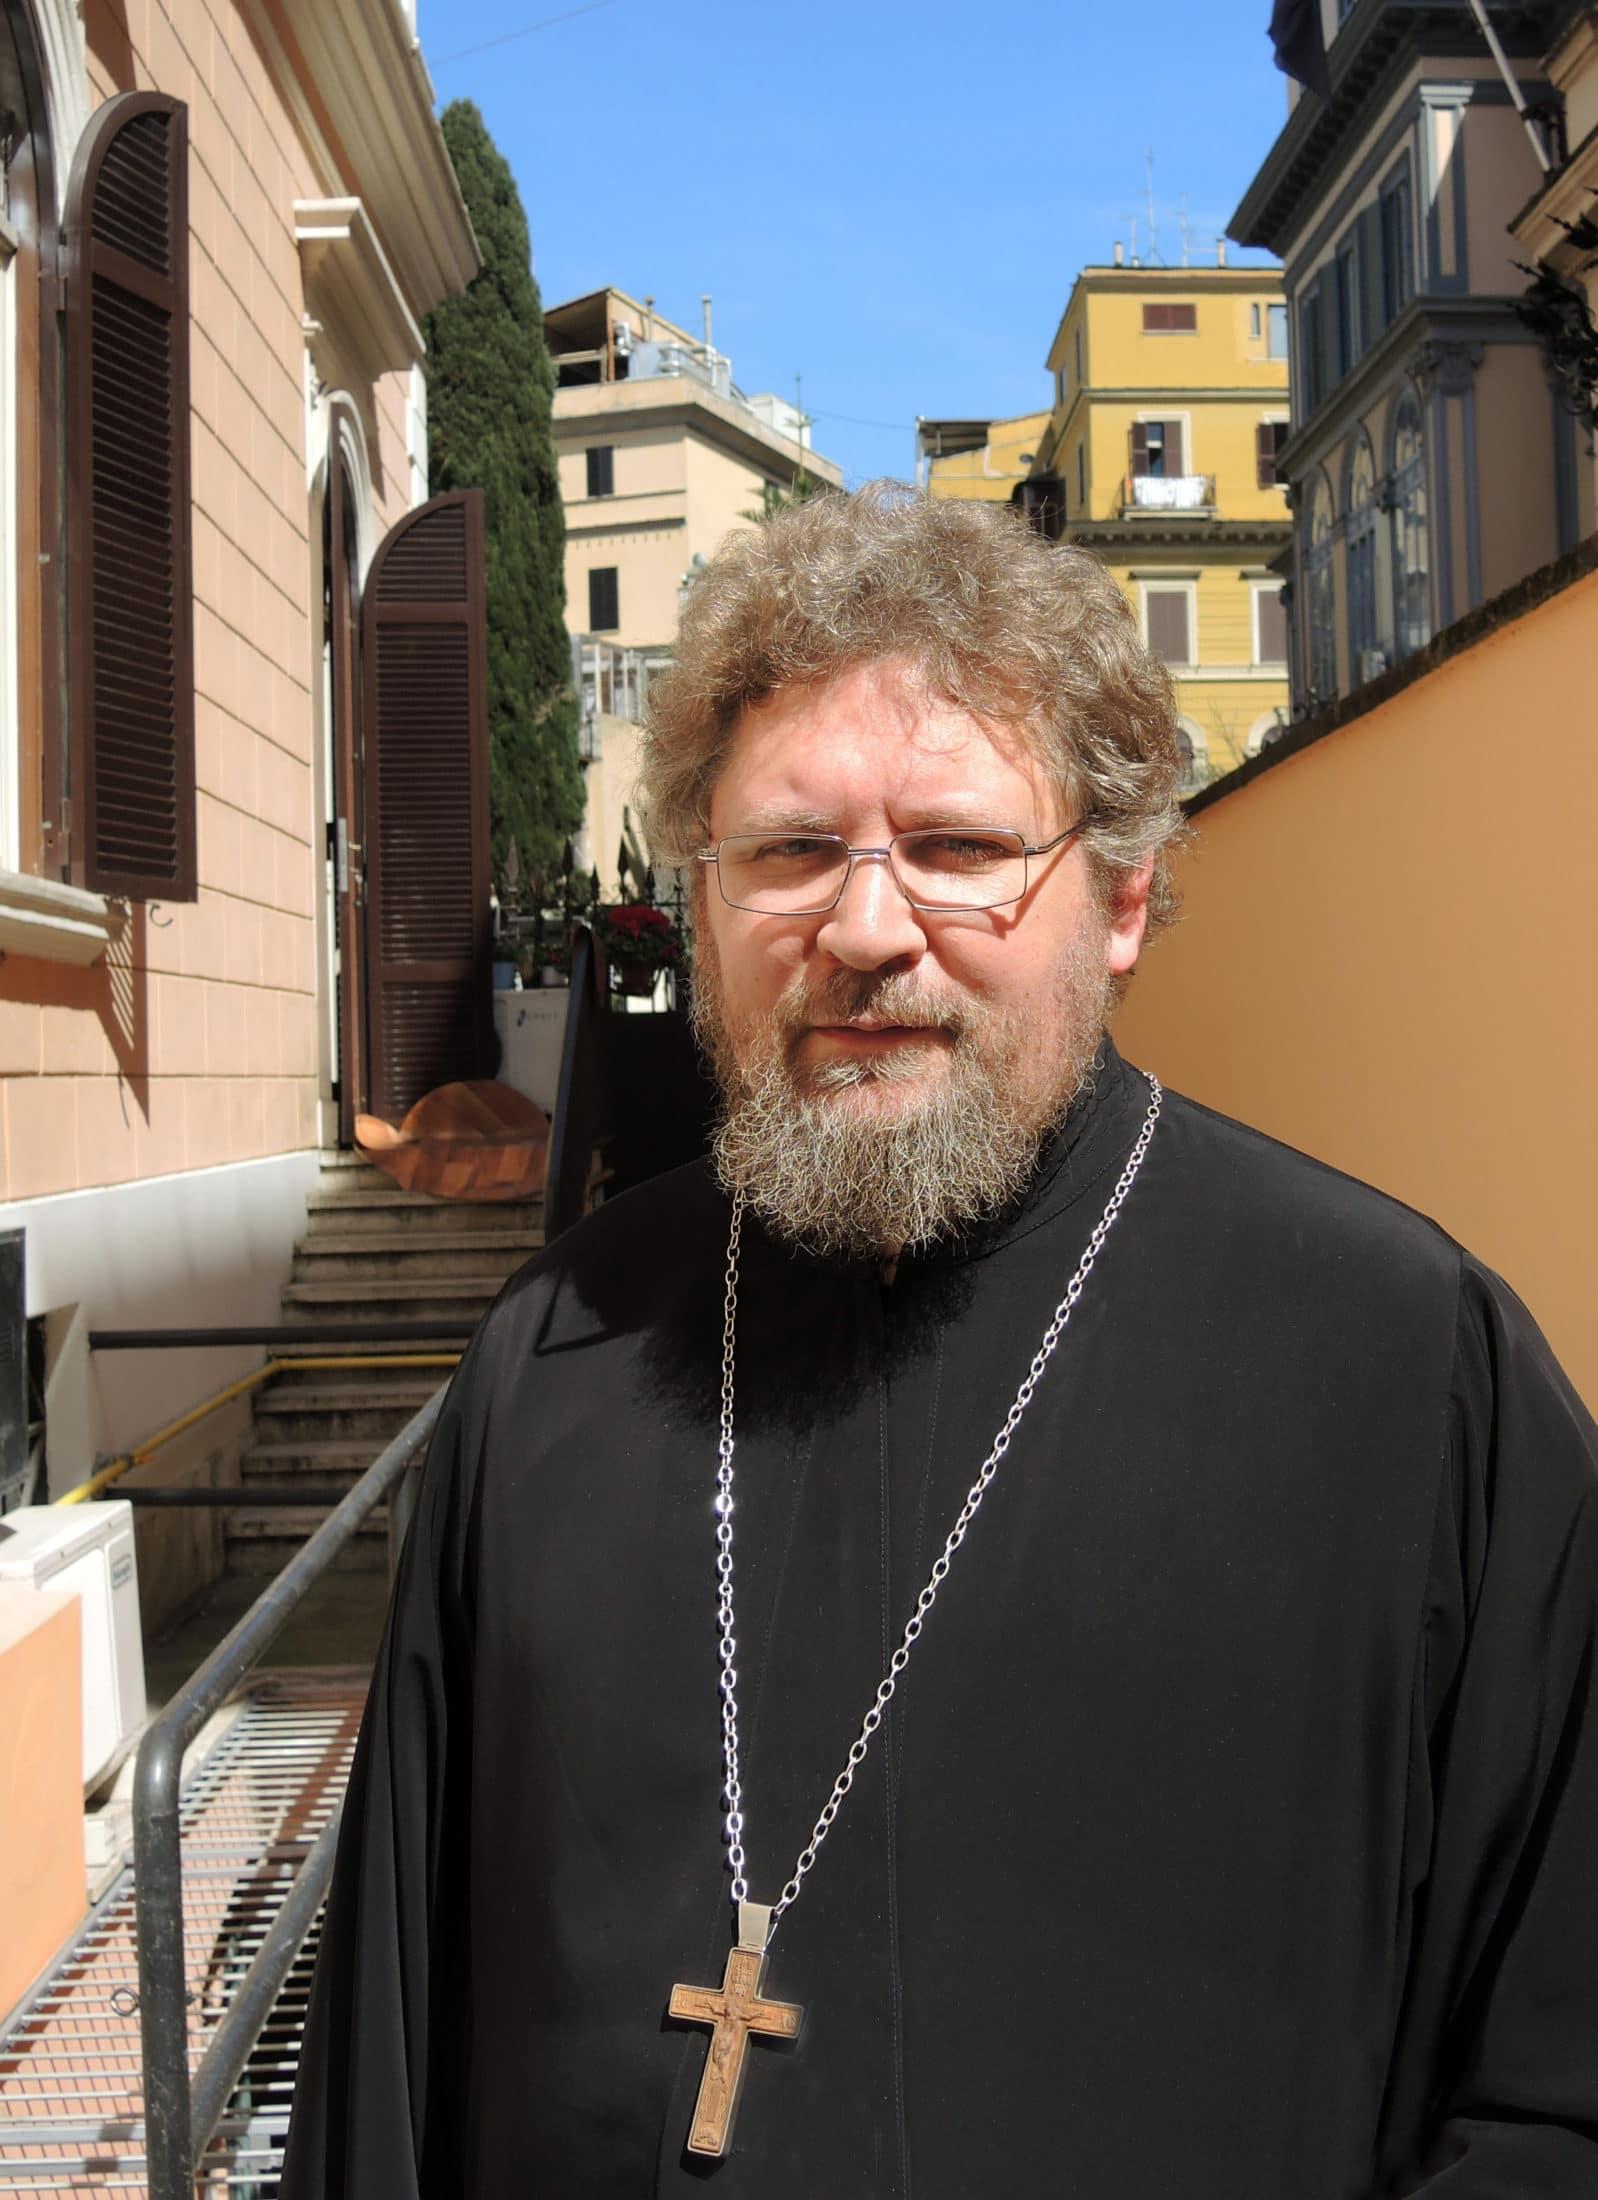 Интервью с протоиереем Вячеславом Бачиным, настоятелем храма во имя святителя Николая Чудотворца в Риме